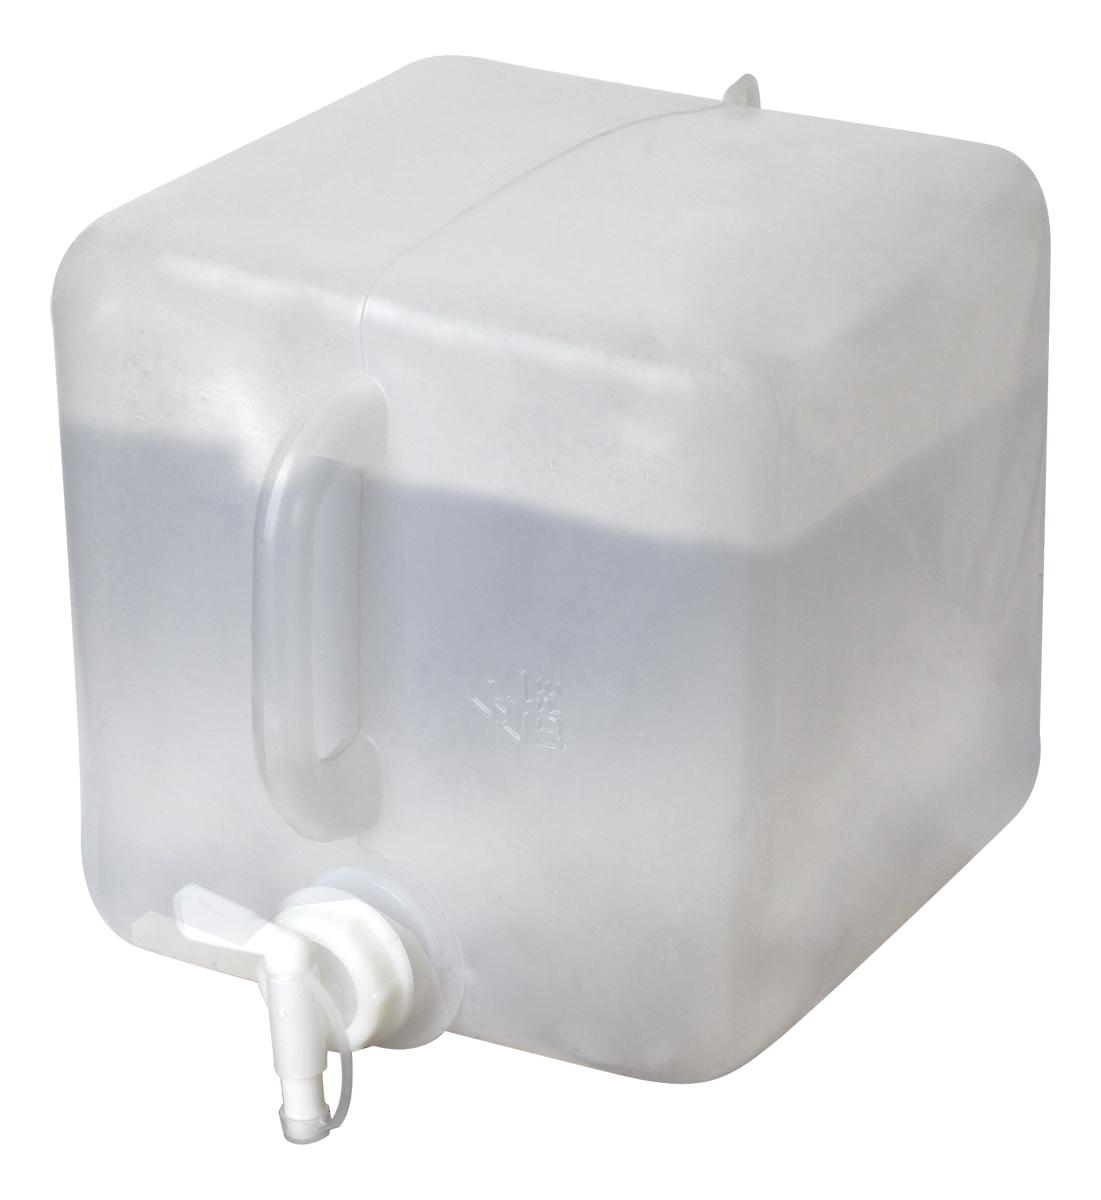 Канистра складная с краном Сплав, цвет: прозрачный, 10 л канистра для воды нпп технохим складная 11 л